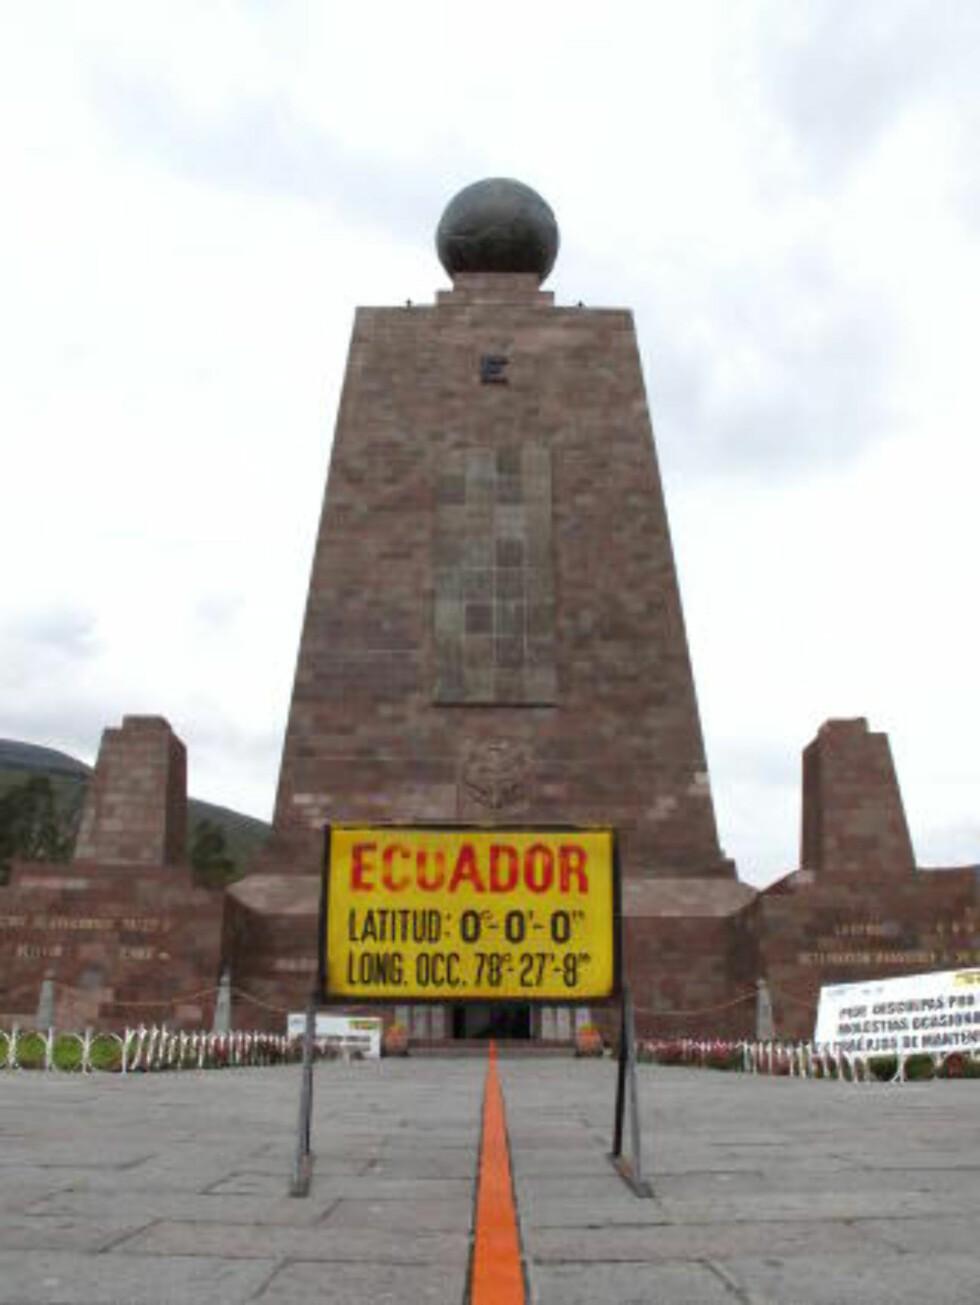 TURISTMAGNET: Ekvatorparken eies av Pichincha-provinsen, og besøkes av en halv million turister i året. Foto: MILAN81/CREATIVE COMMONS